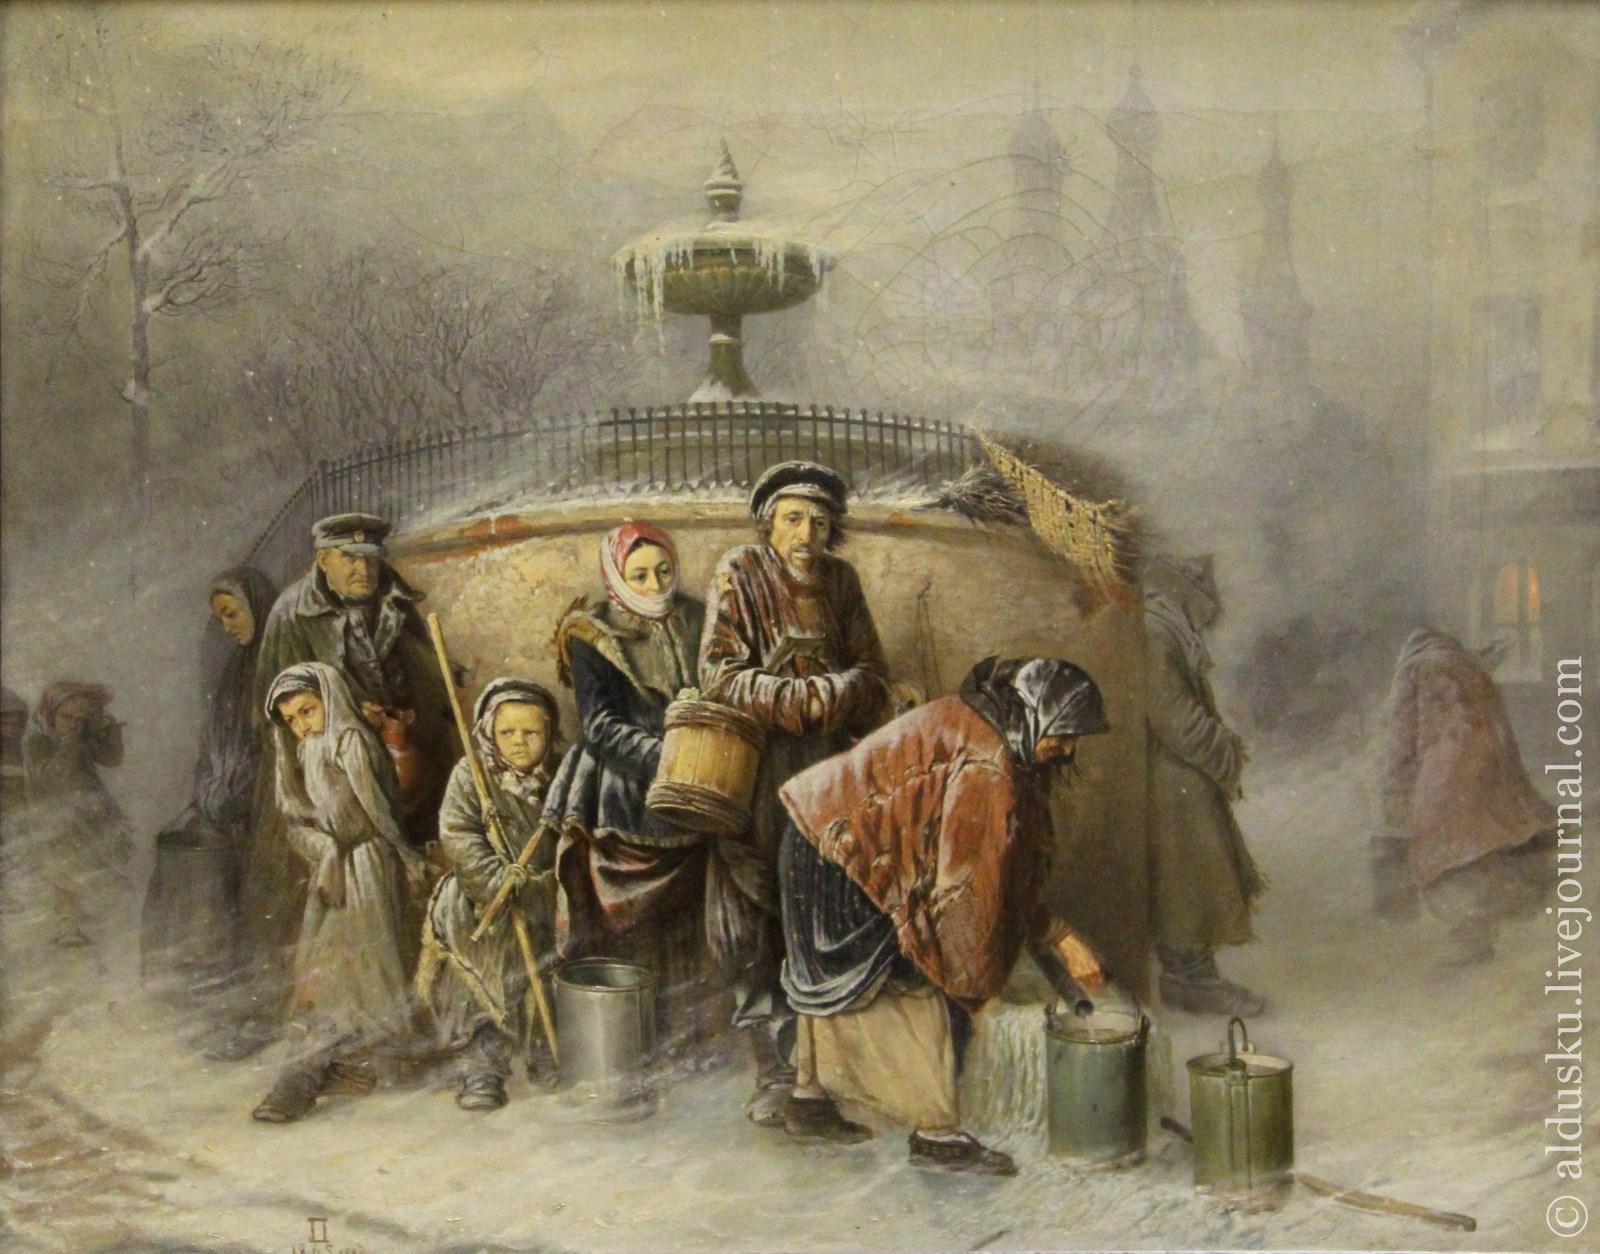 Перов В.Г. (1834–1882) Очередь у бассейна 1865. Холст, масло